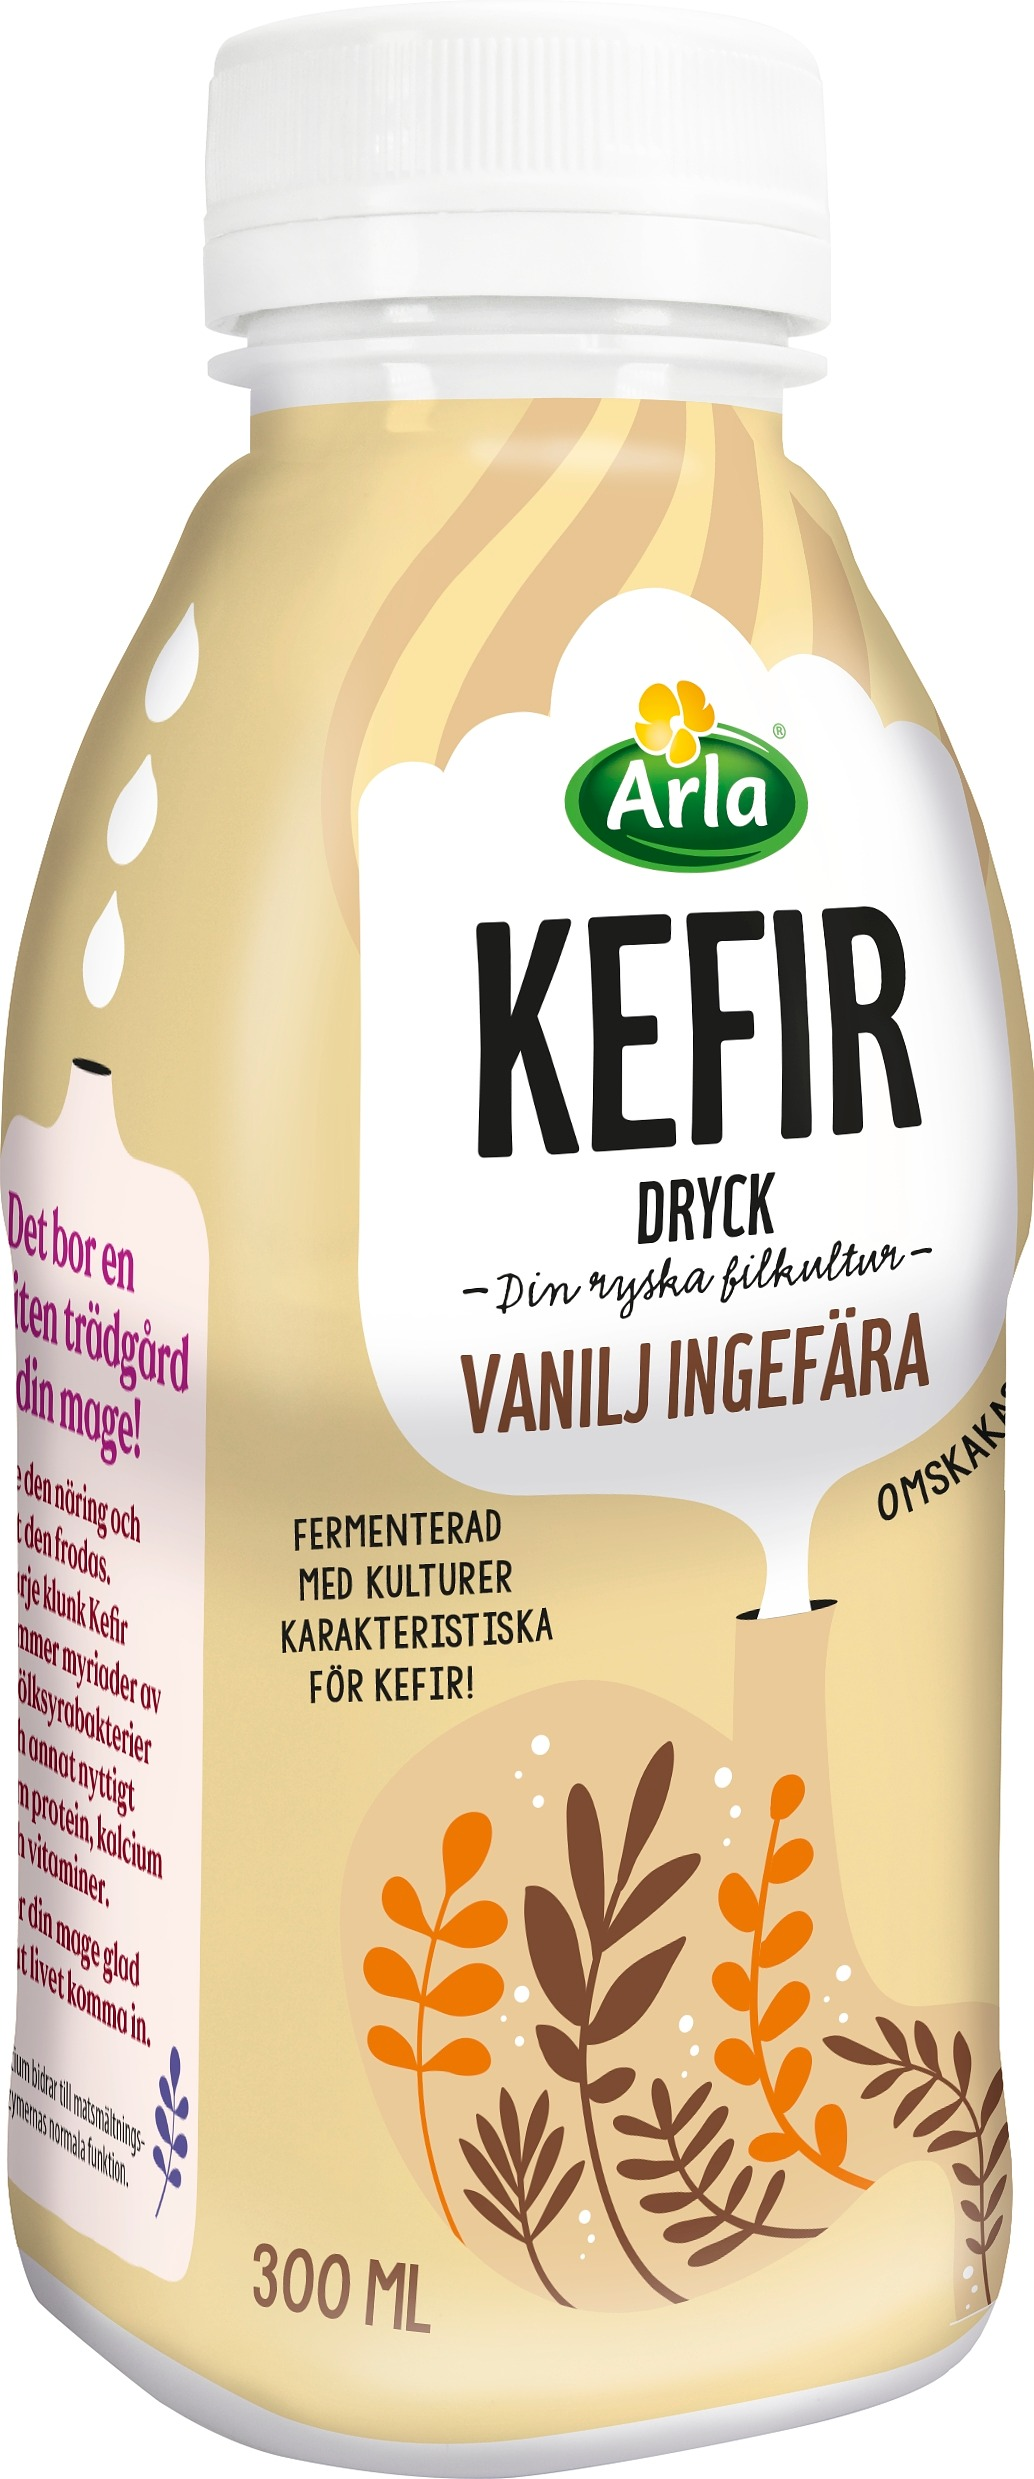 Kefir vanilj & ingefära dryck